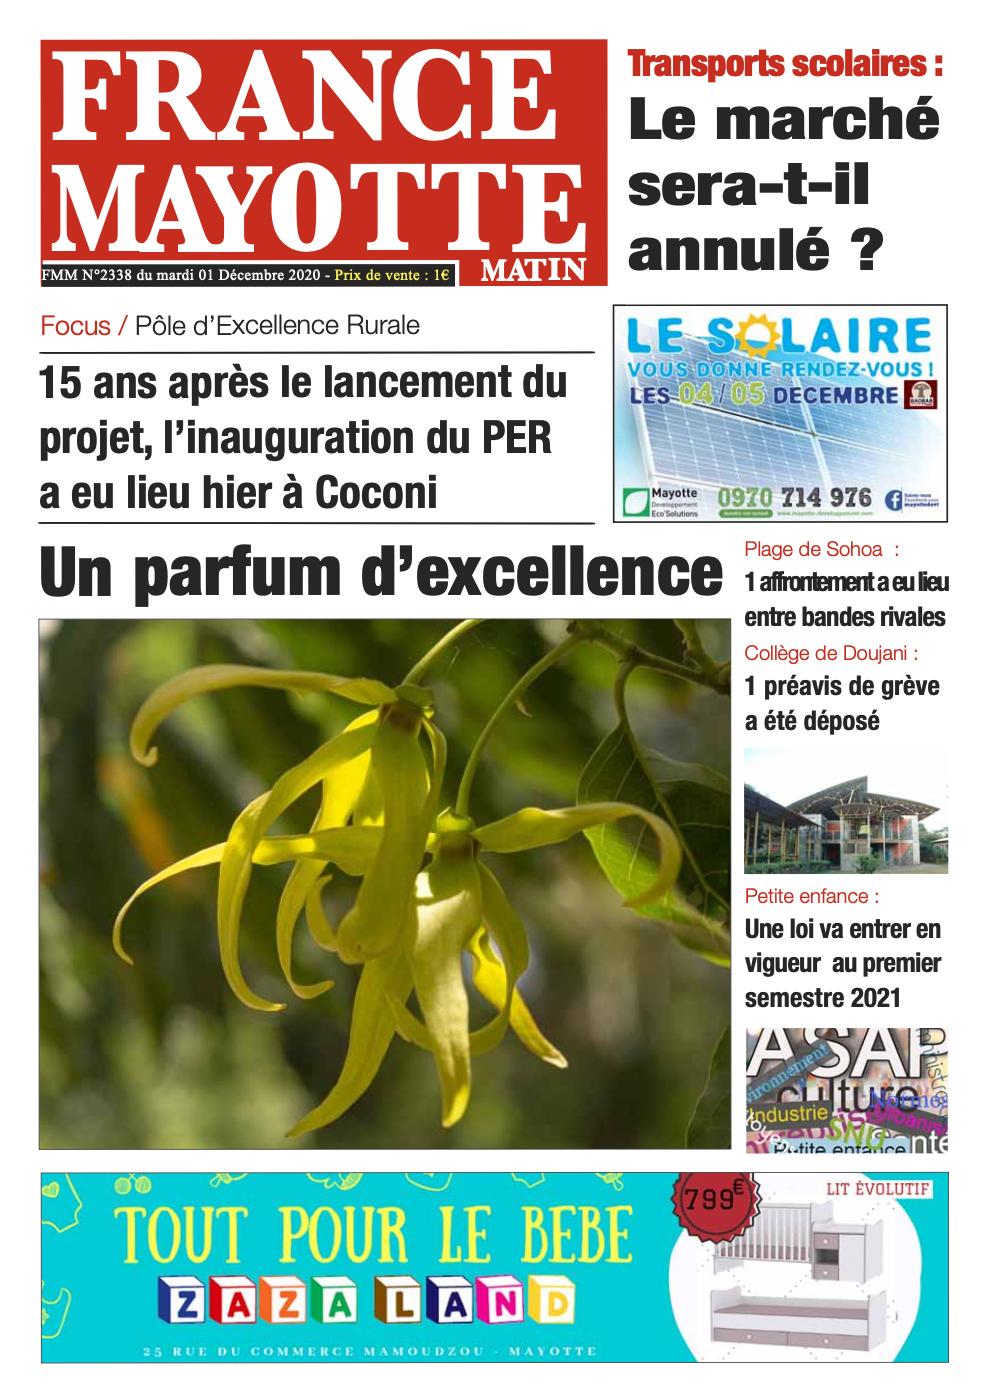 France Mayotte Mardi 1er décembre 2020